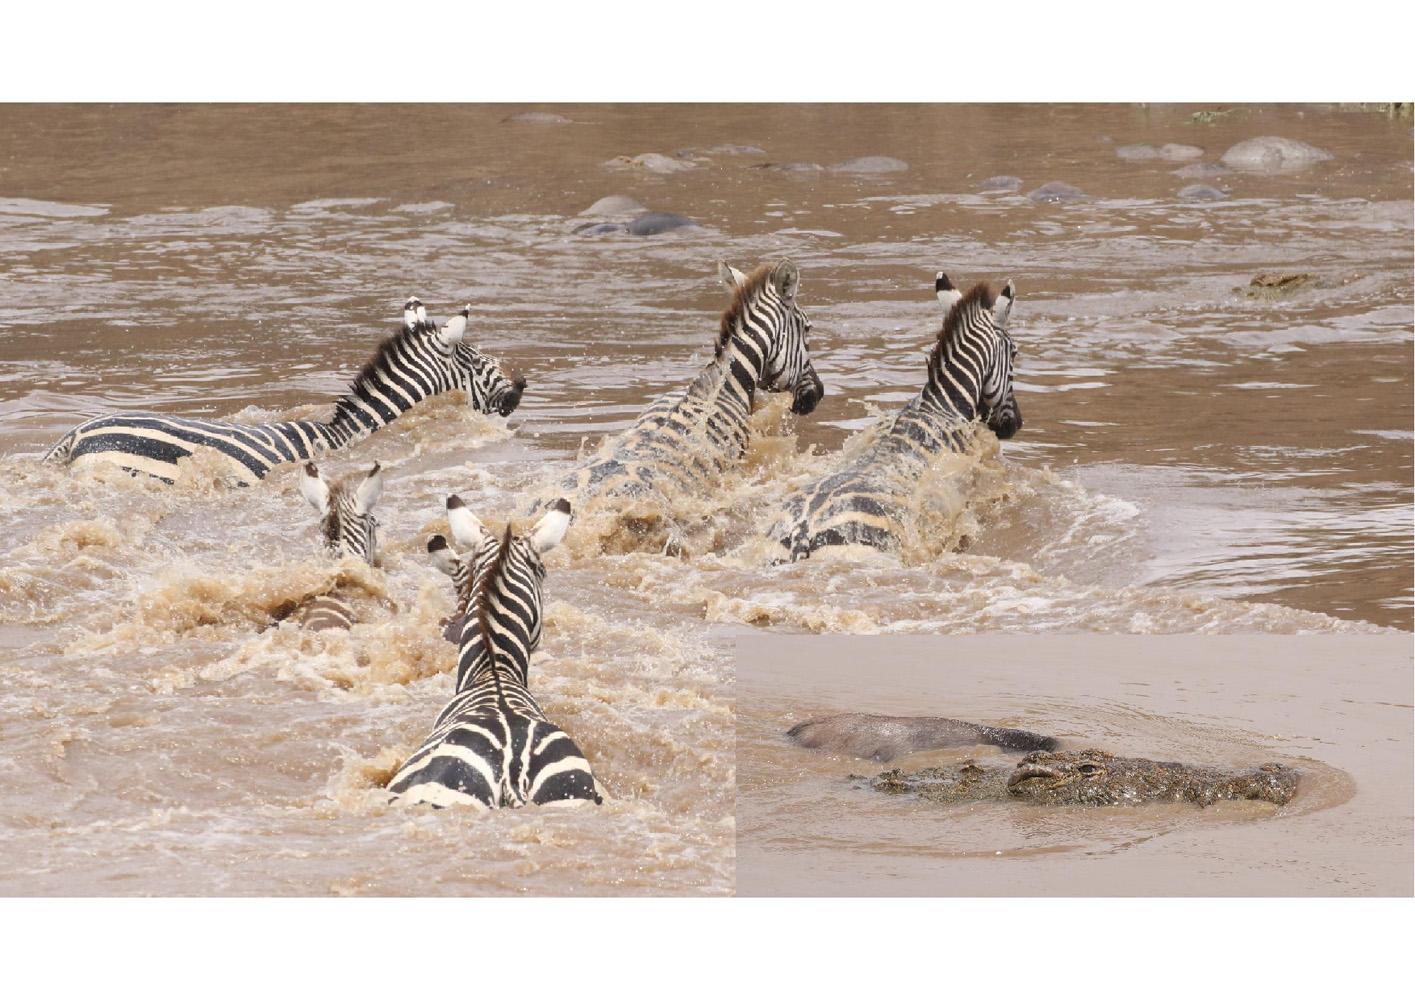 2017-safari_kenya-09